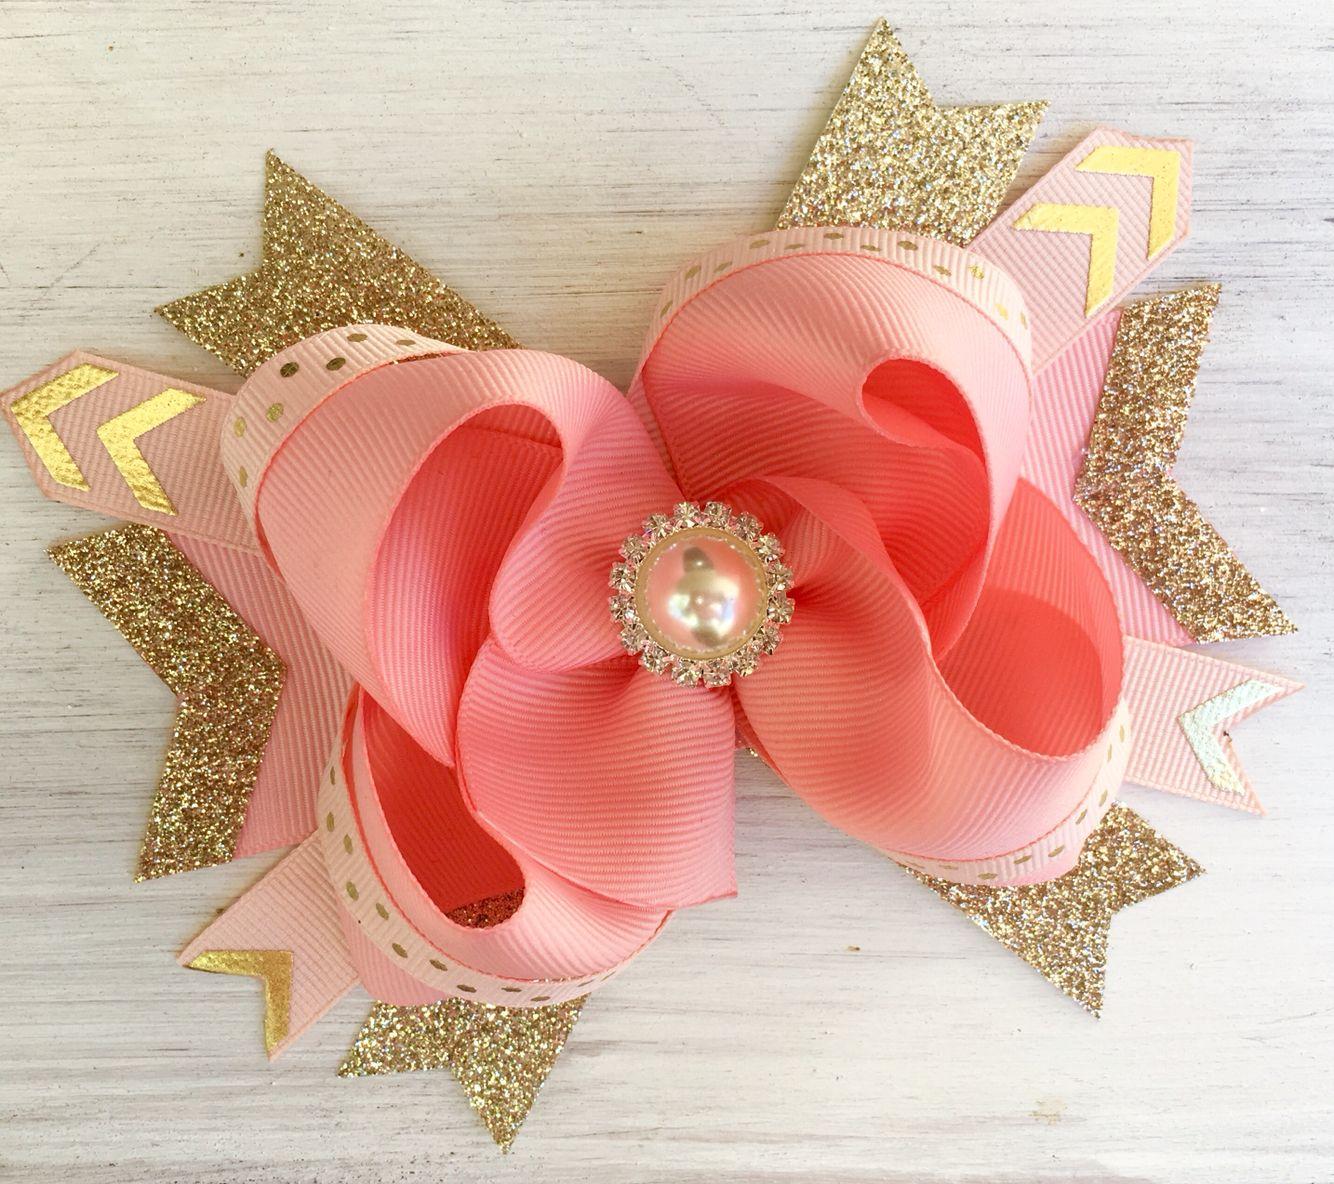 Rose Gold Boutique Bow Etsyshop Modernme Couturebows Boutique Hair Bows Boutique Bows Girl Hair Bows